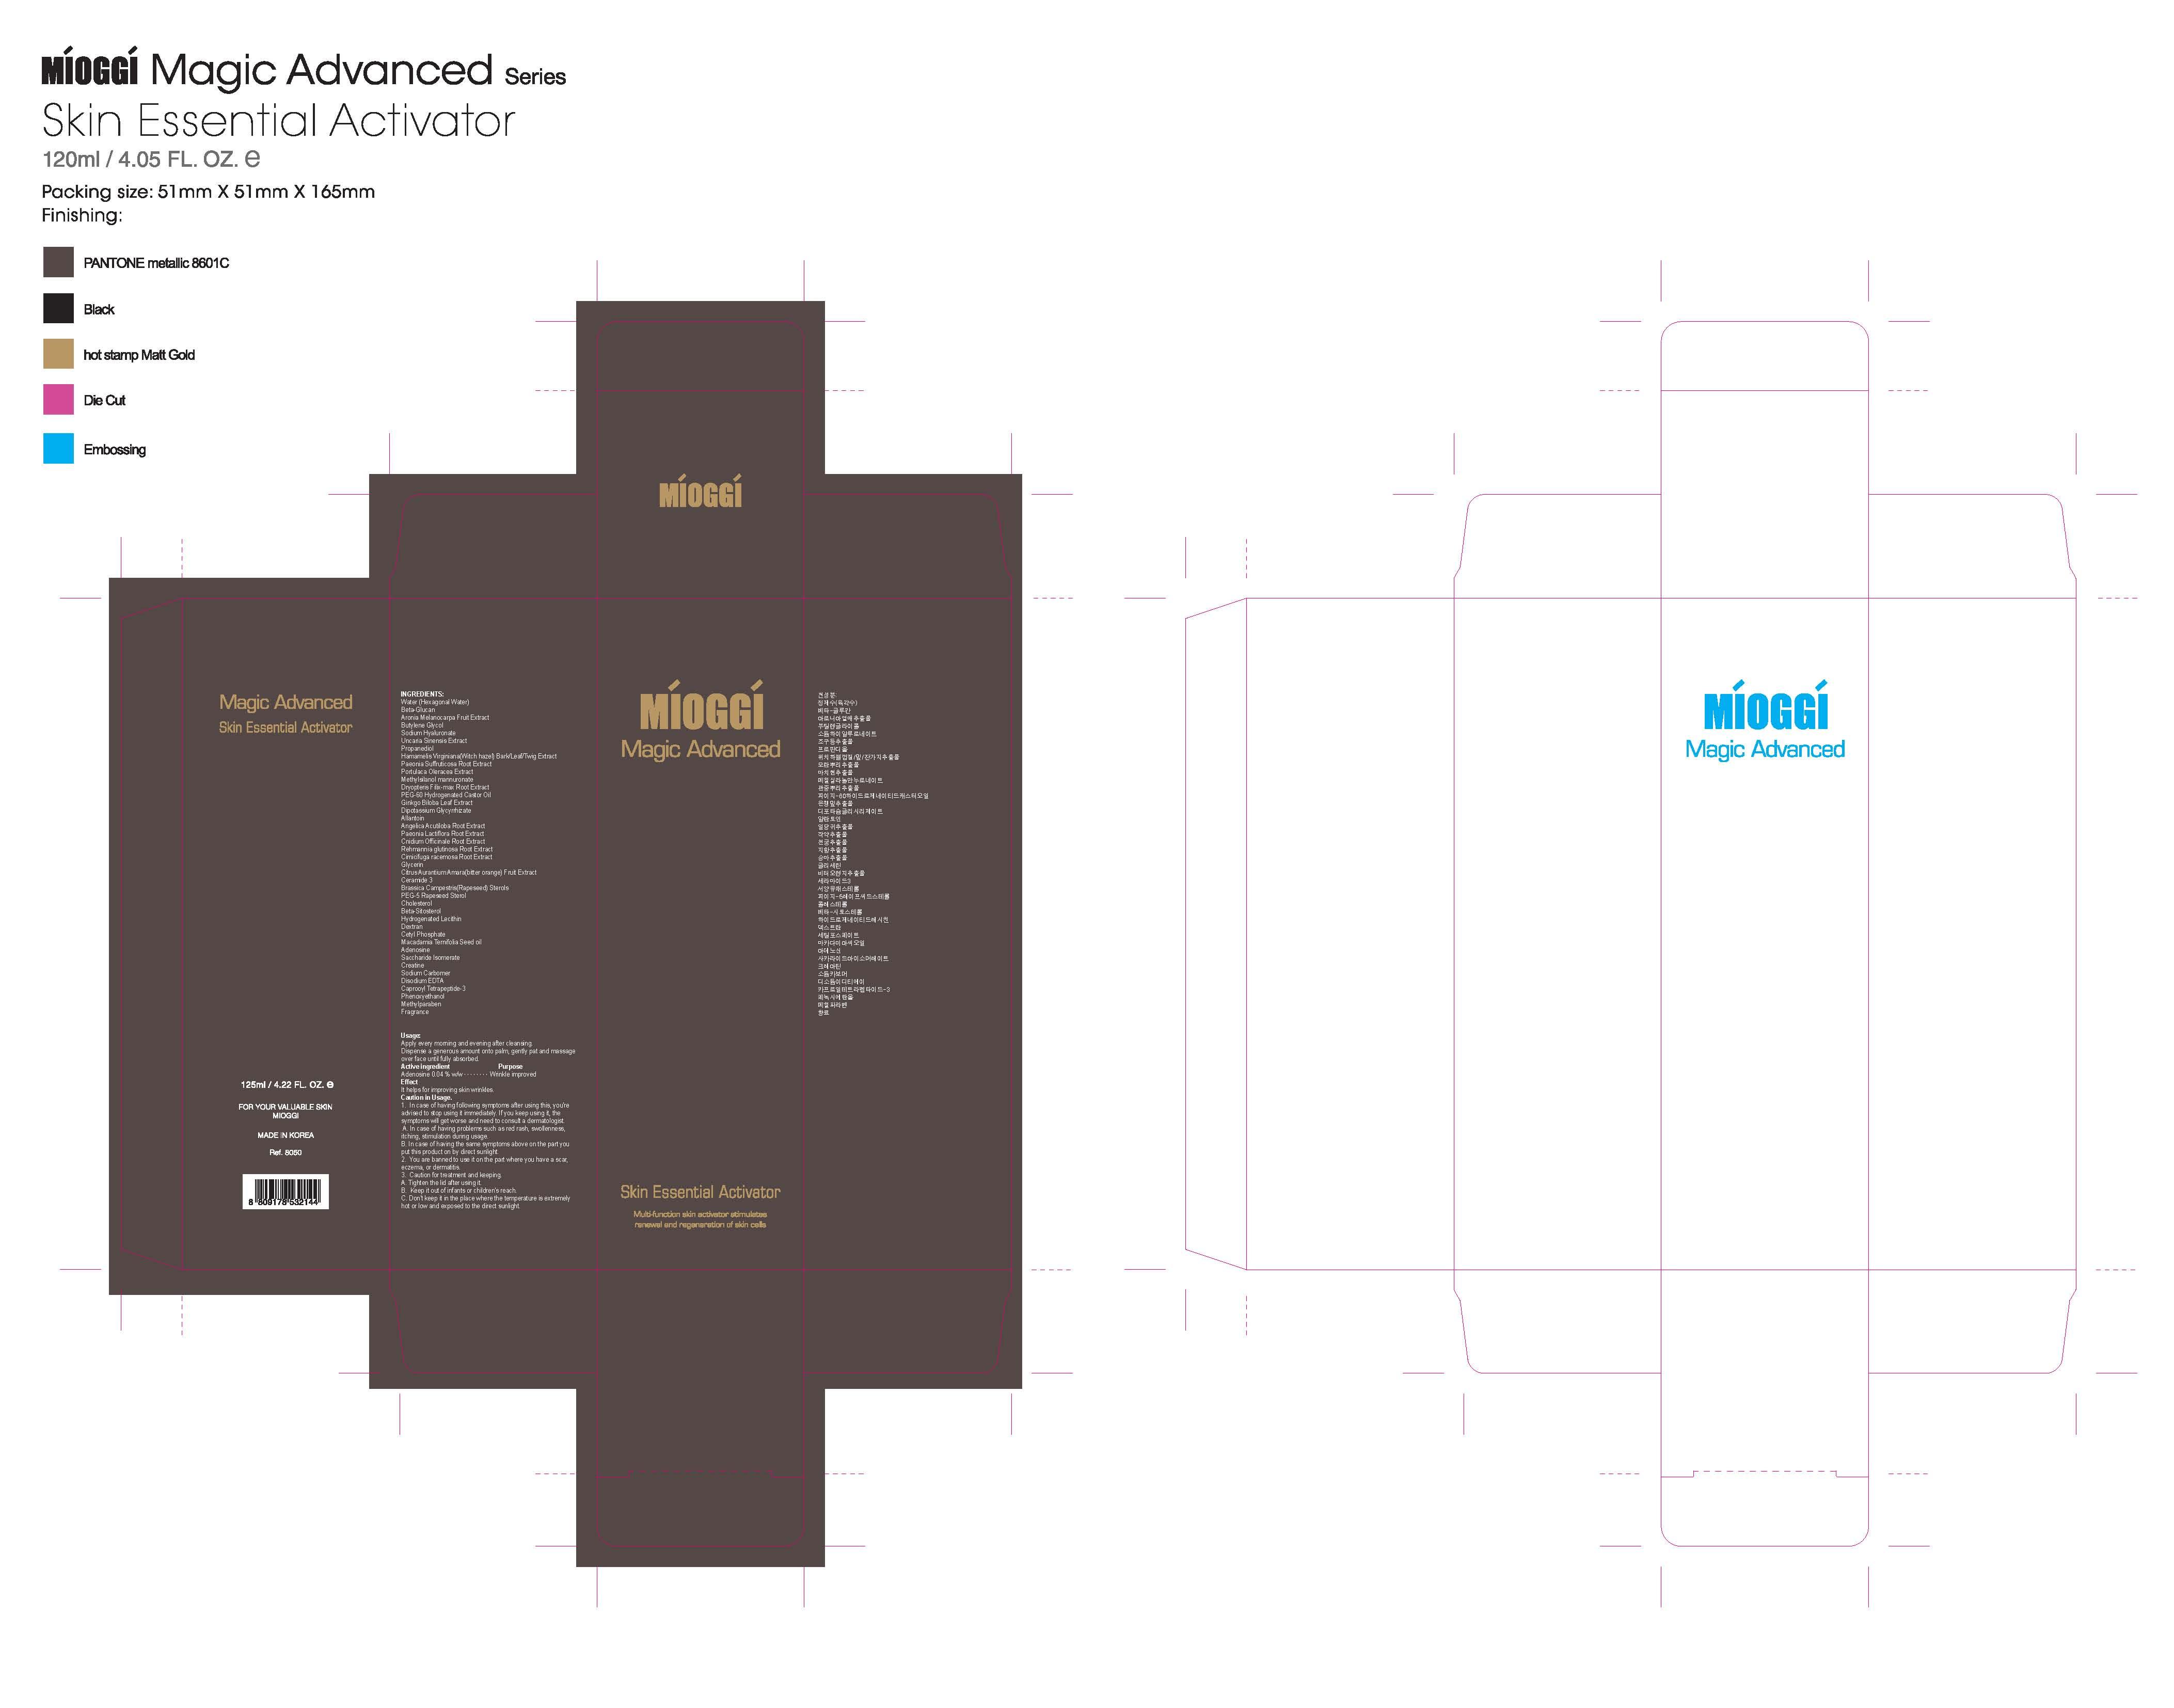 Mioggi Magic Advanced Skin Essential Activator (Adenosine) Liquid [Colorpink R&d Inc.]